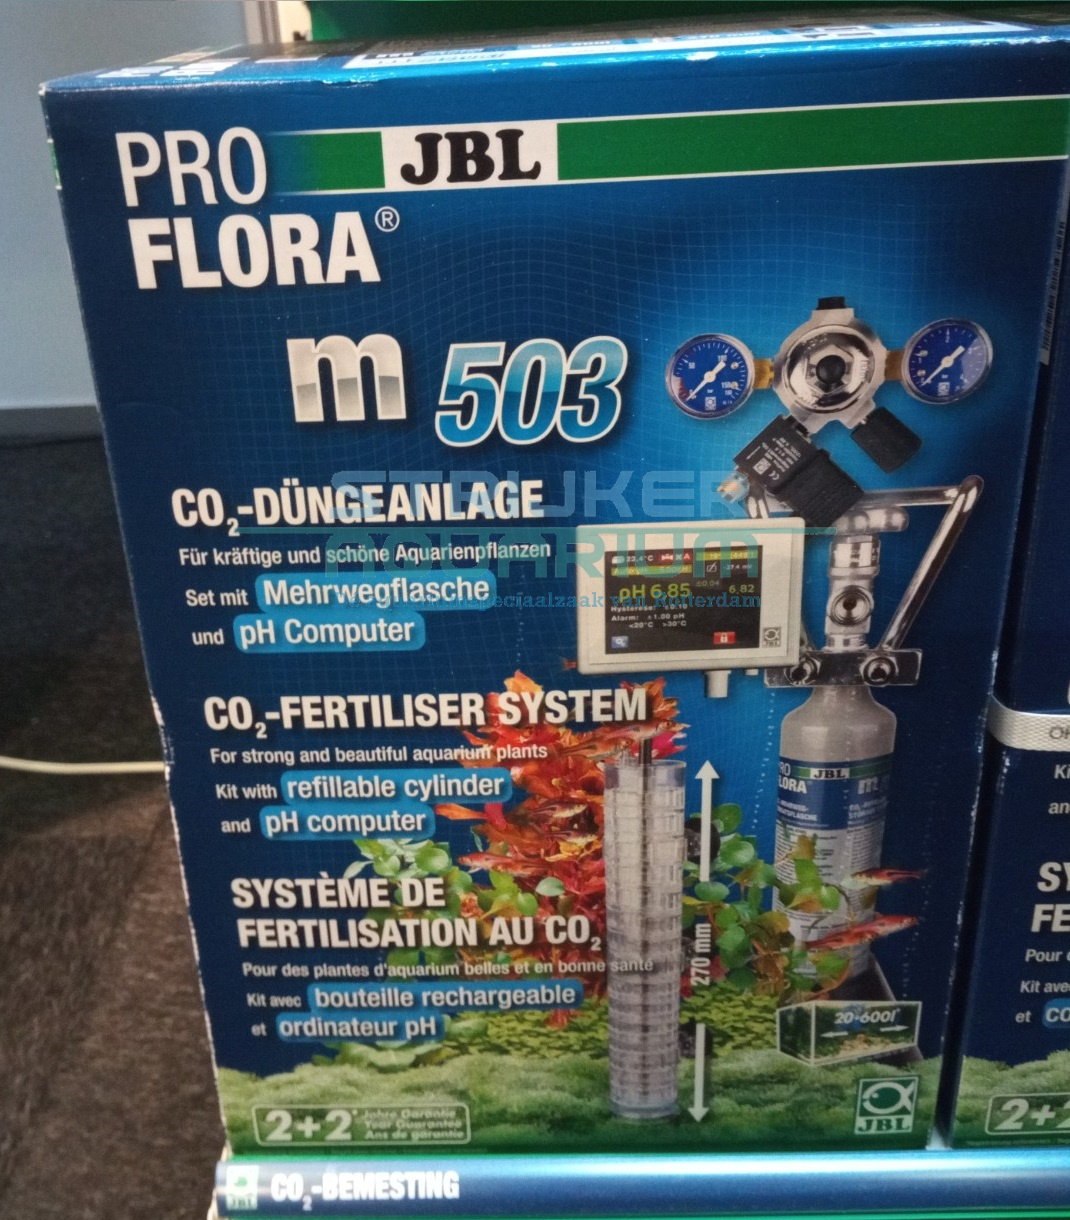 Co2 aquarium jbl systeem, een co2 aquarium jbl systeem voor uw aquarium